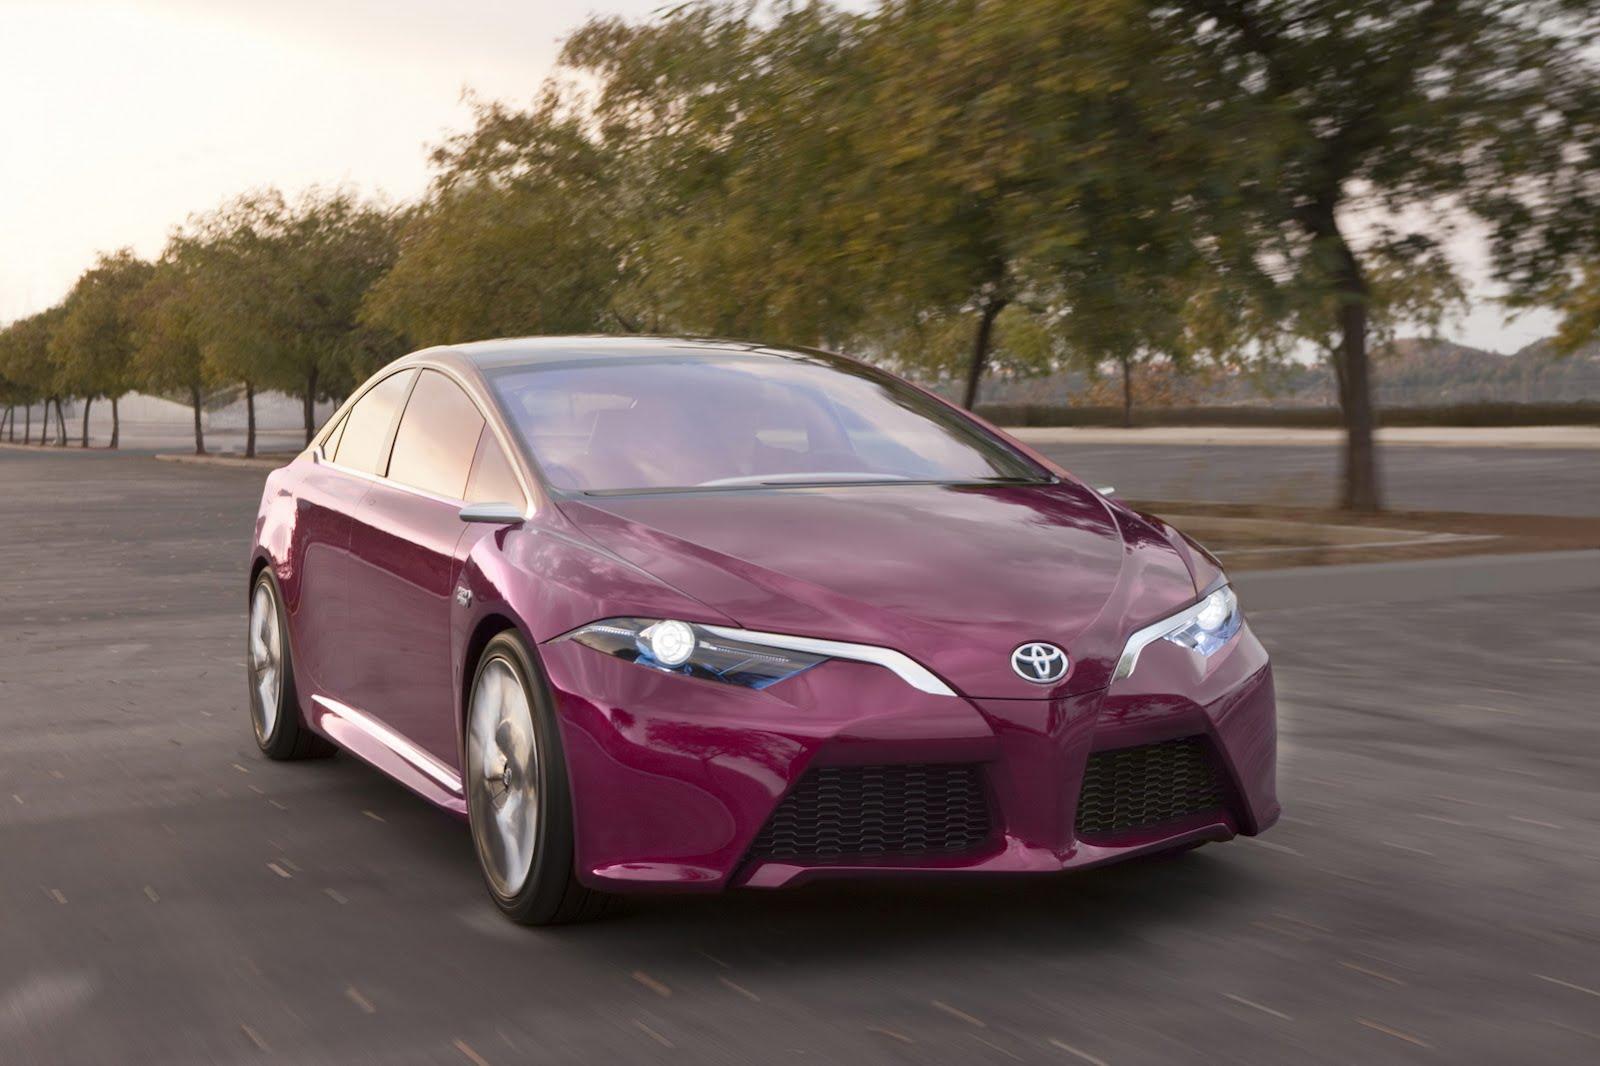 http://3.bp.blogspot.com/-SdbJd5hAqy4/T7jDRPheJ7I/AAAAAAAADO4/dDpL-L_Iv-s/I/Toyota%252520NS4%2525202012.jpg